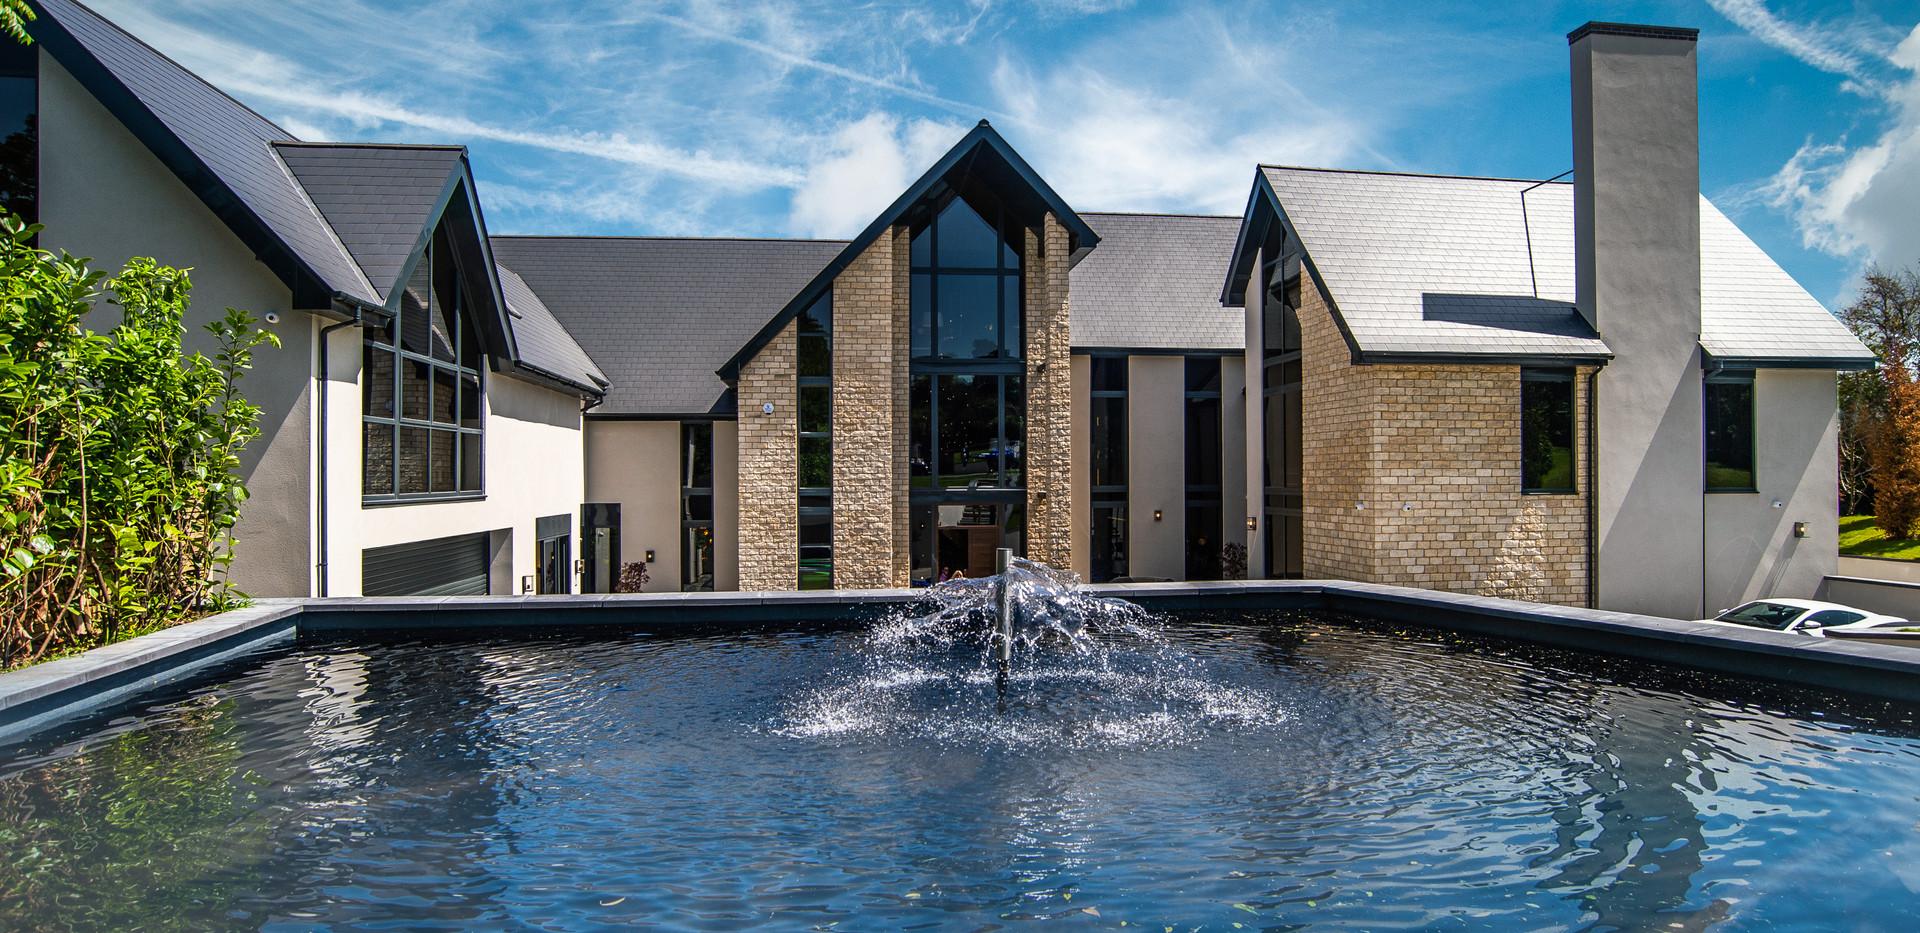 Edwalton House Pool